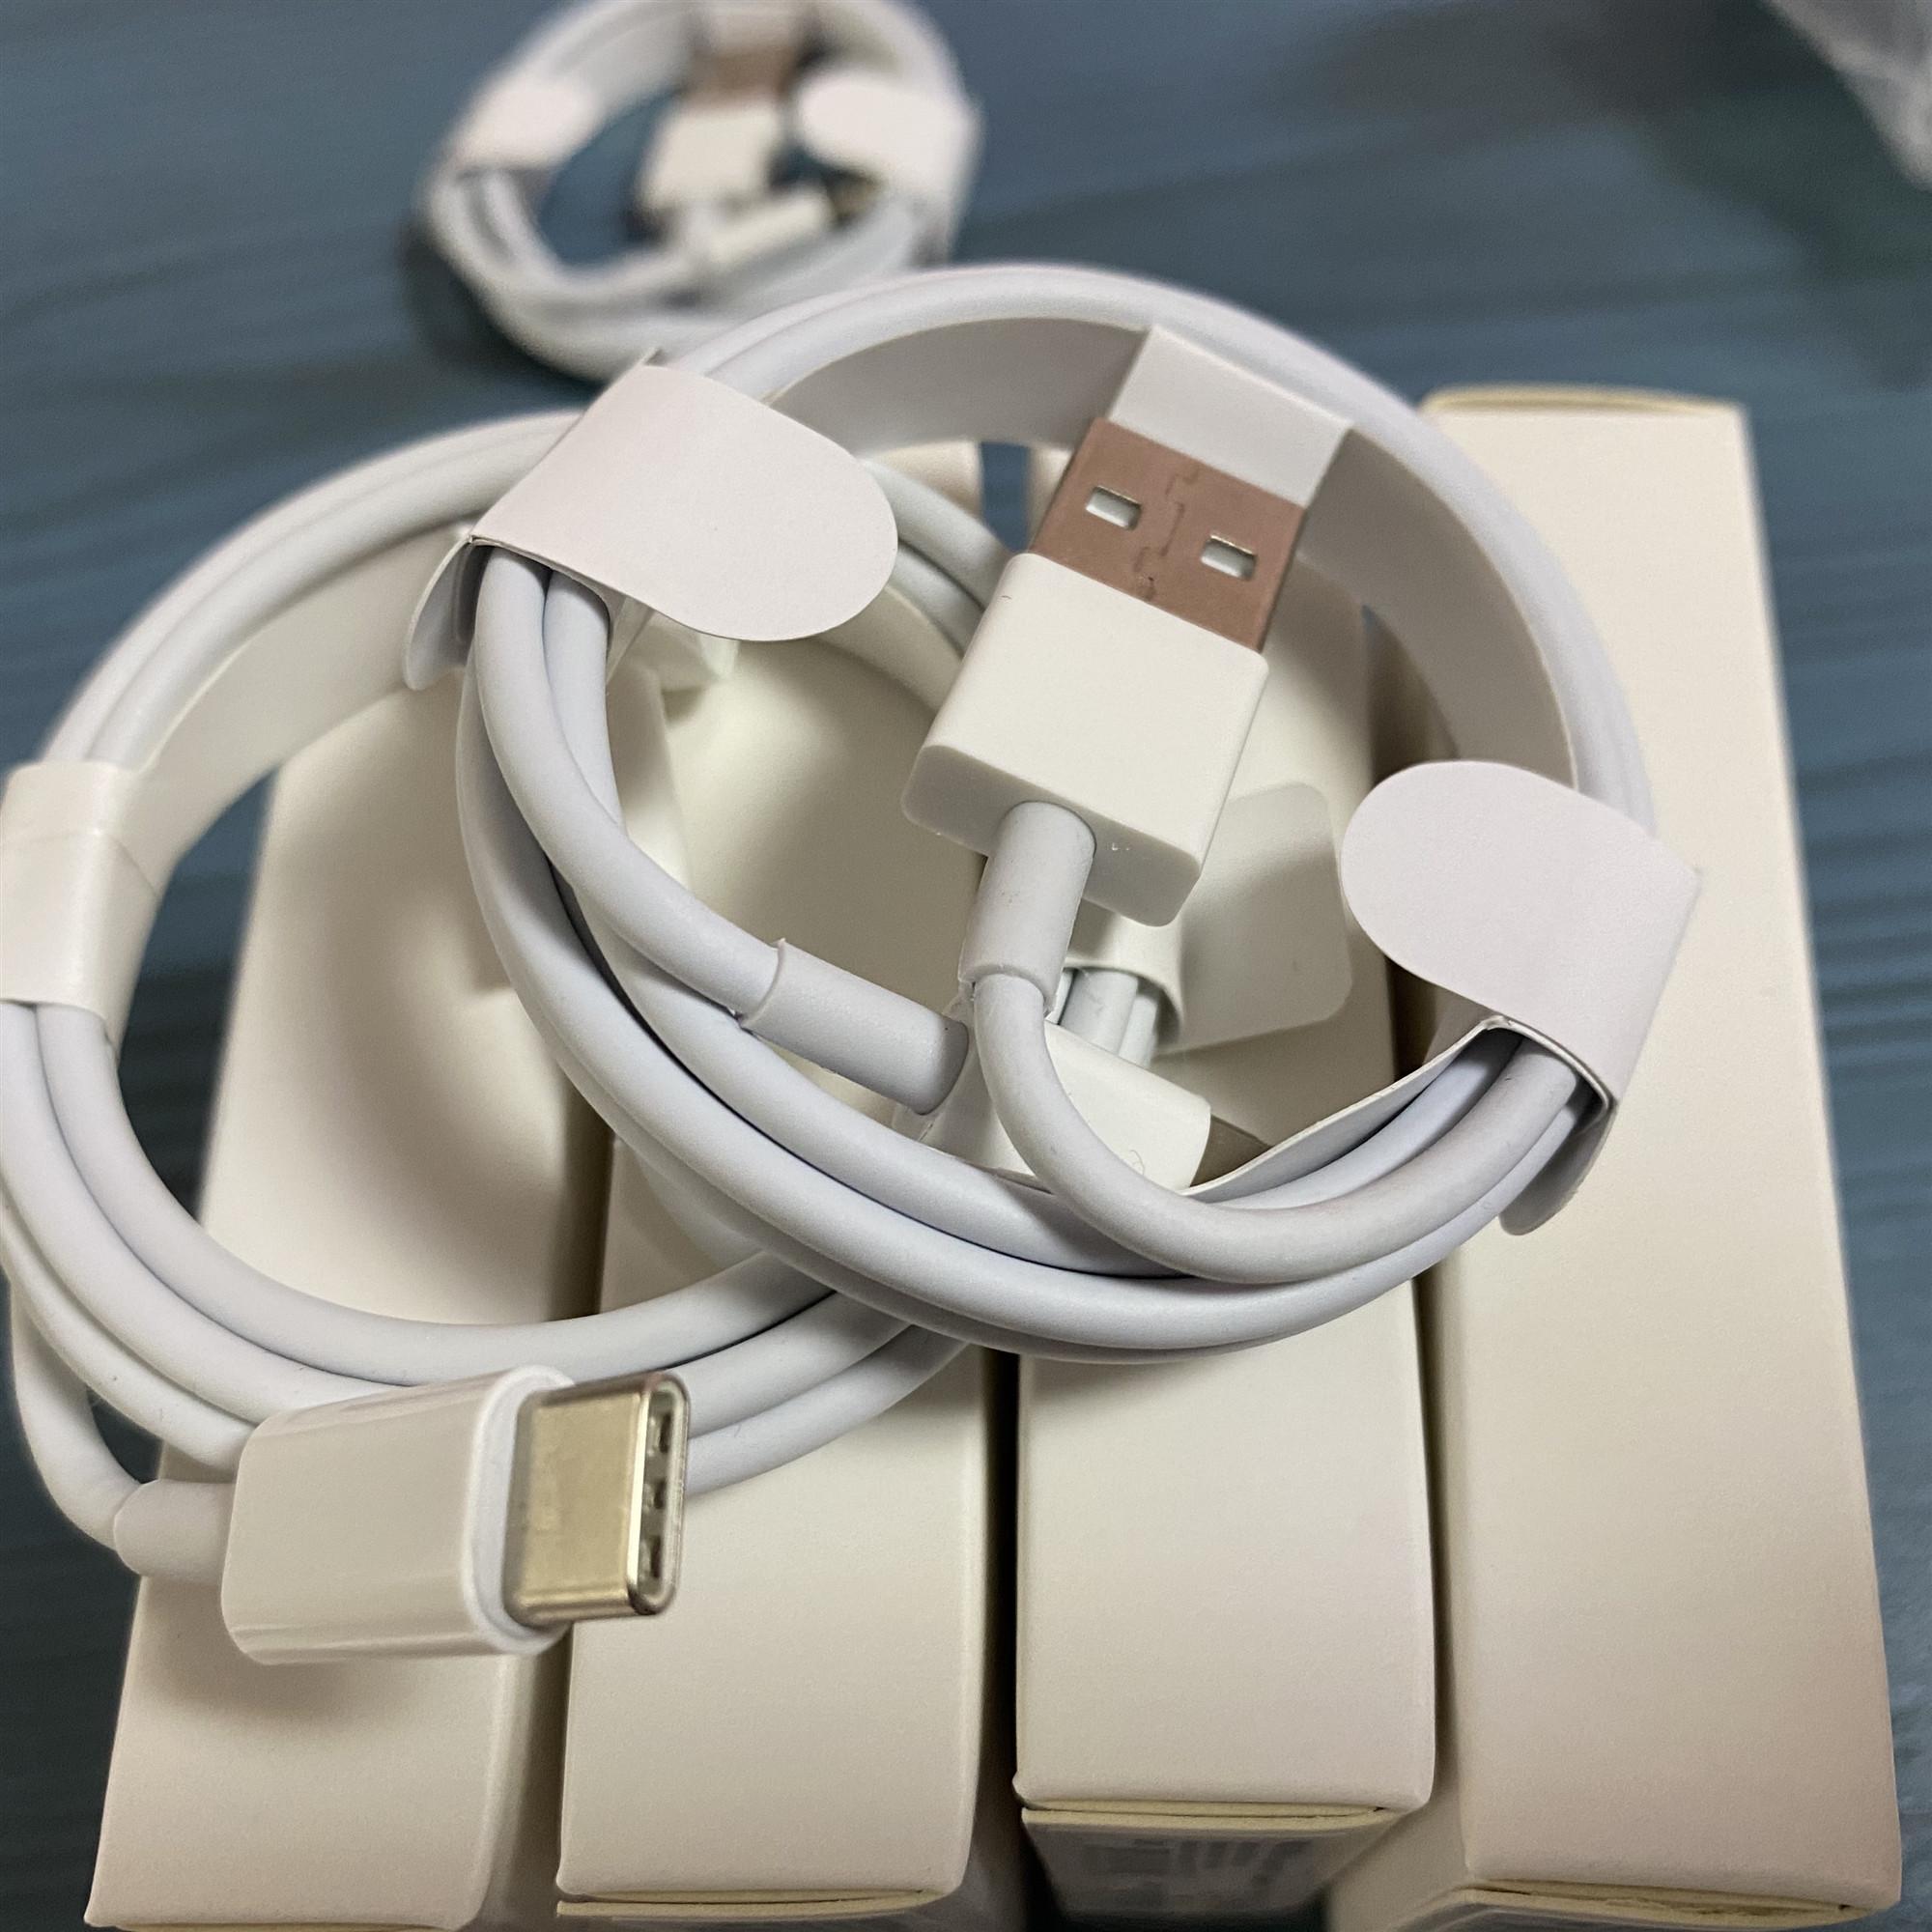 100pcs 7 Generationen Original-OEM-Qualität 1m 3ft 2m 6AF USB-Daten-Synchronisierungs-Gebühren-Telefonkabel mit Kleinpaket